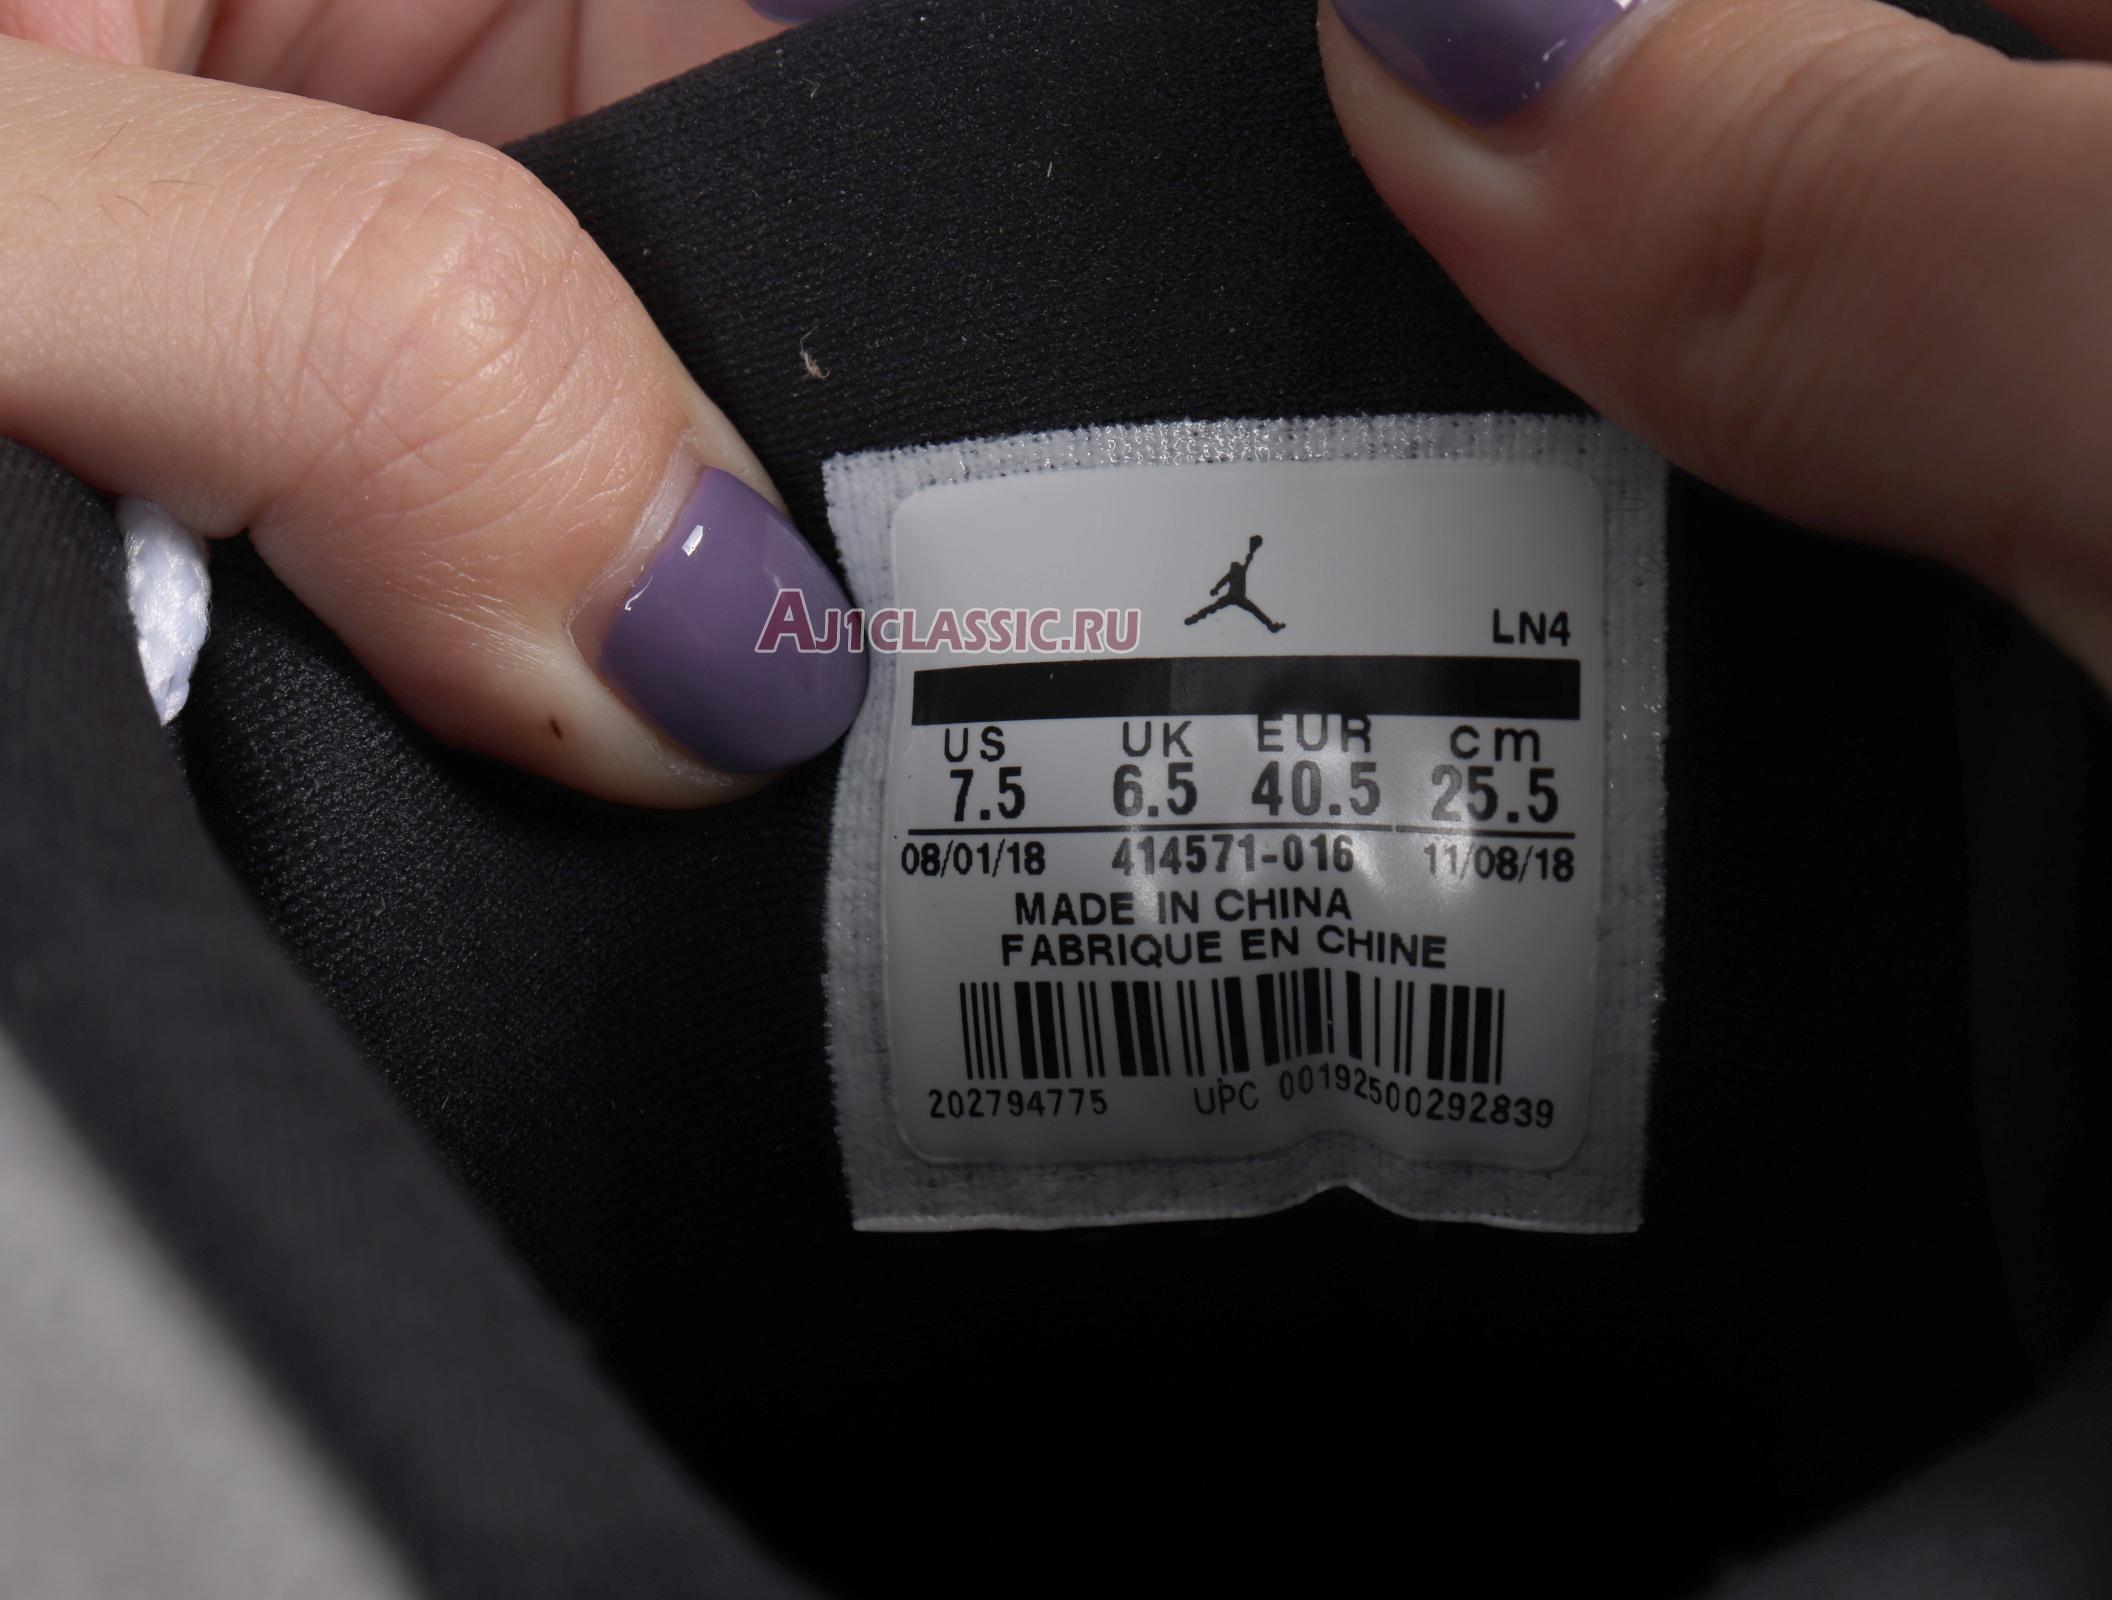 """Air Jordan 13 Retro """"Atmosphere Grey"""" 414571-016"""